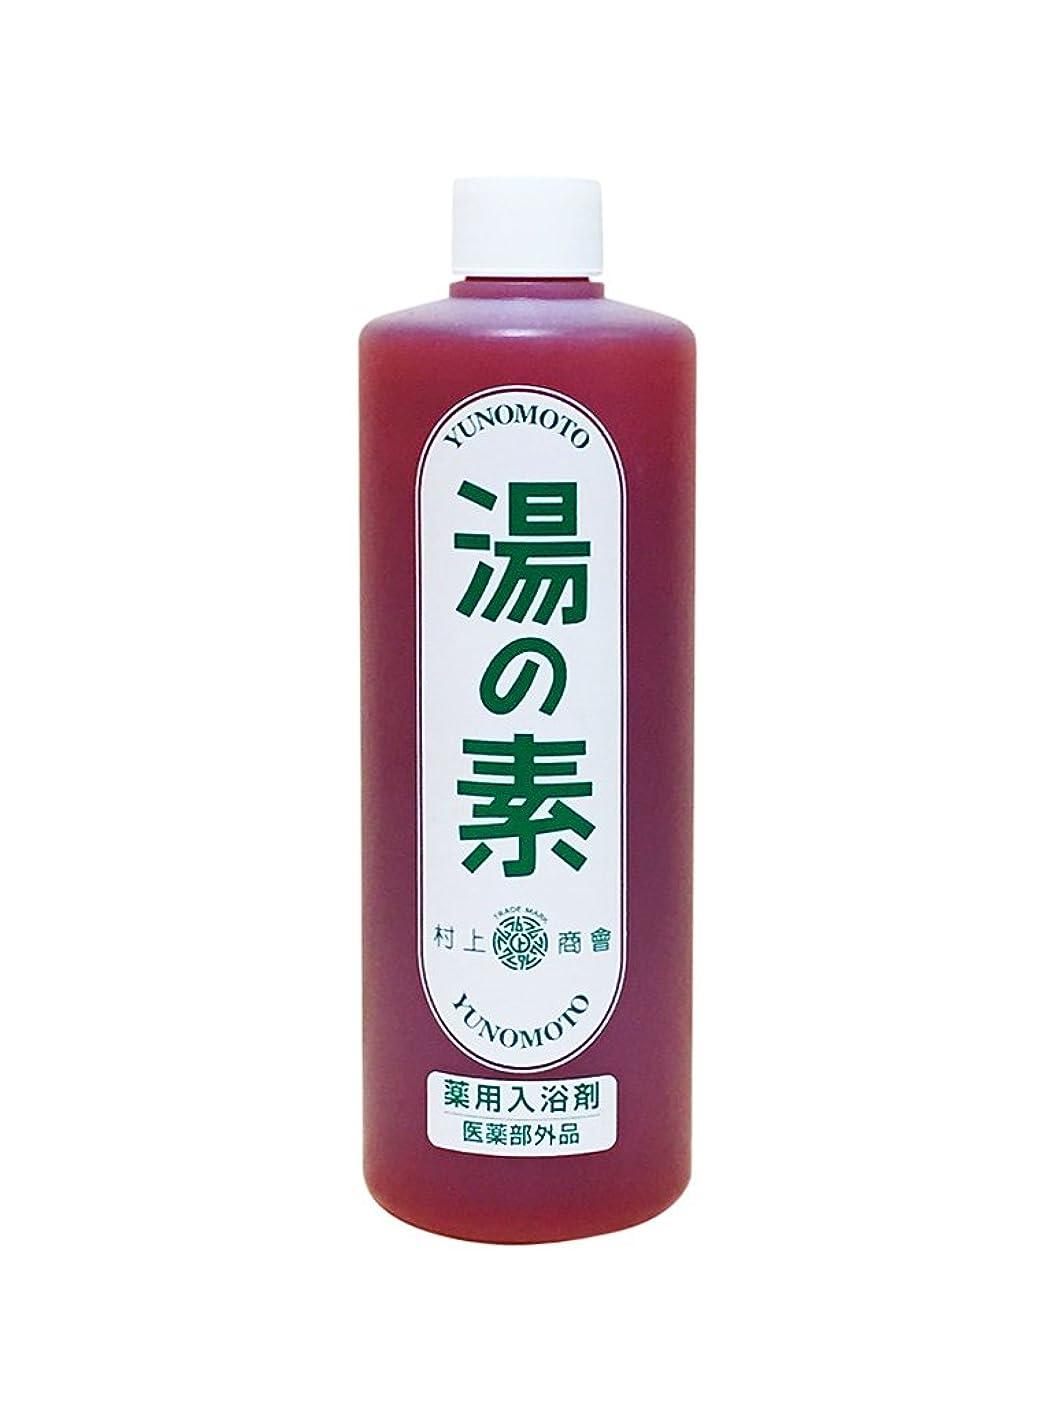 つまずく文子犬硫黄乳白色湯 湯の素 薬用入浴剤 (医薬部外品) 490g